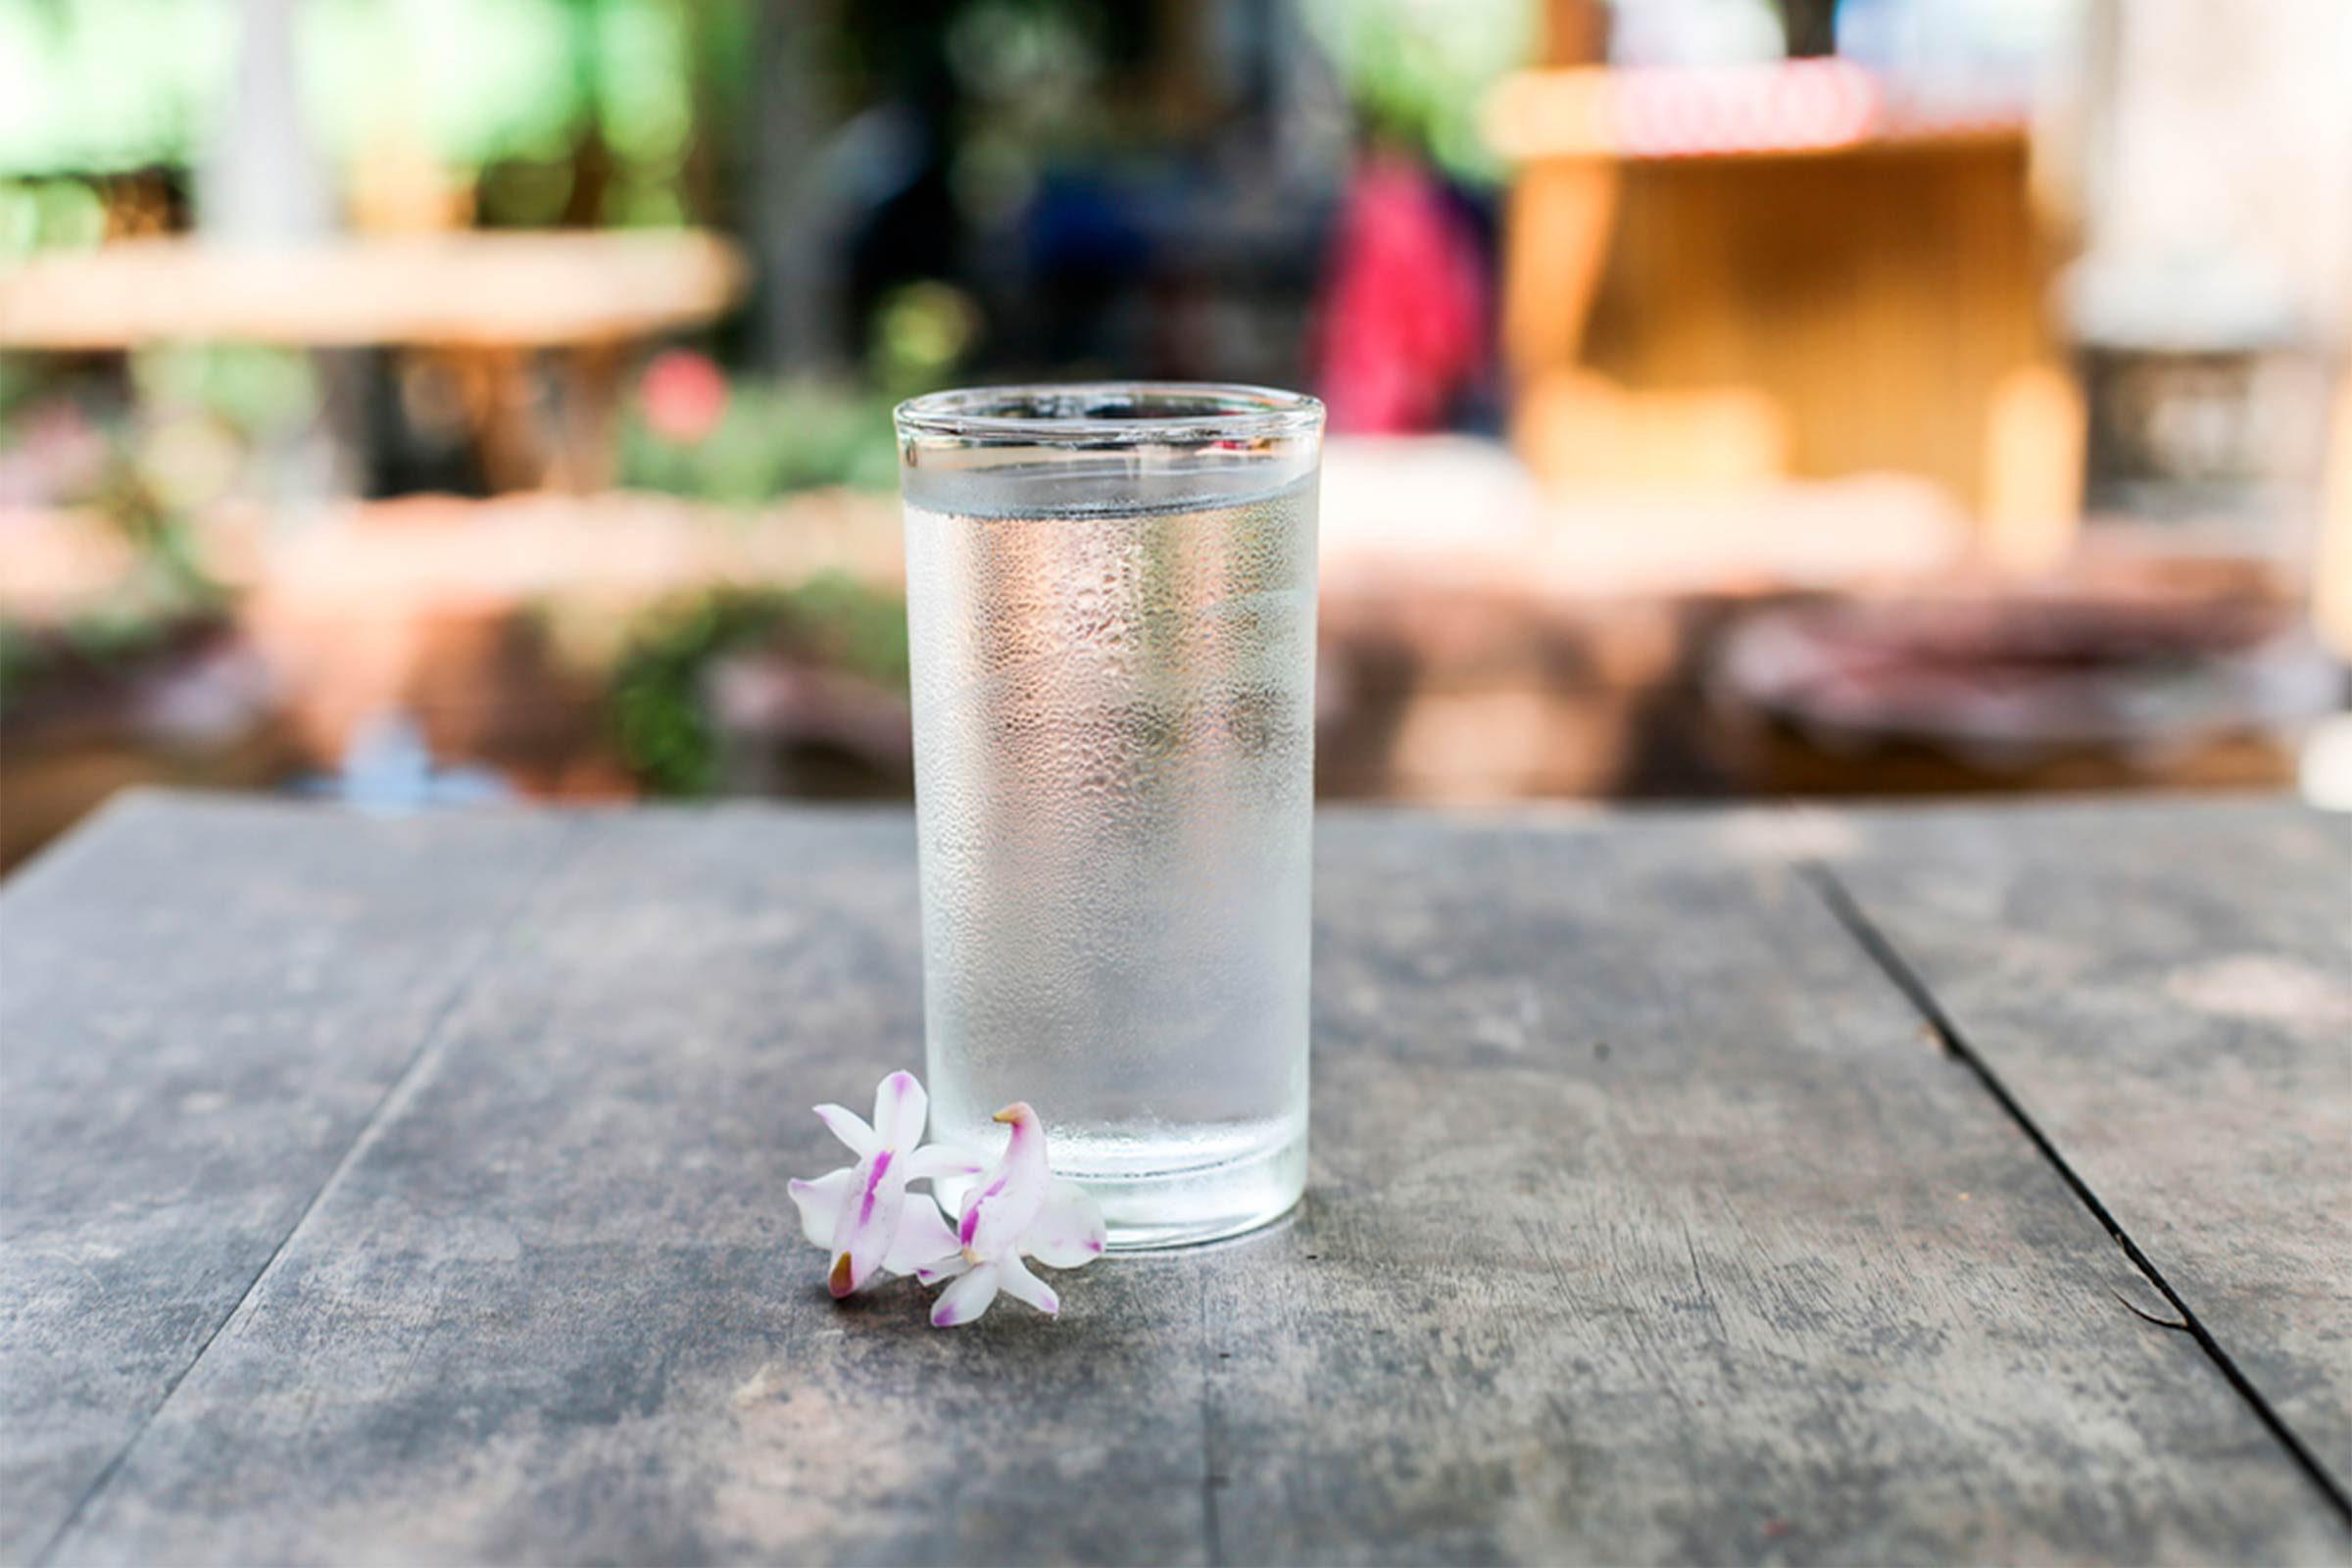 En voyage, gardez avec vous des pilules pour purifier l'eau